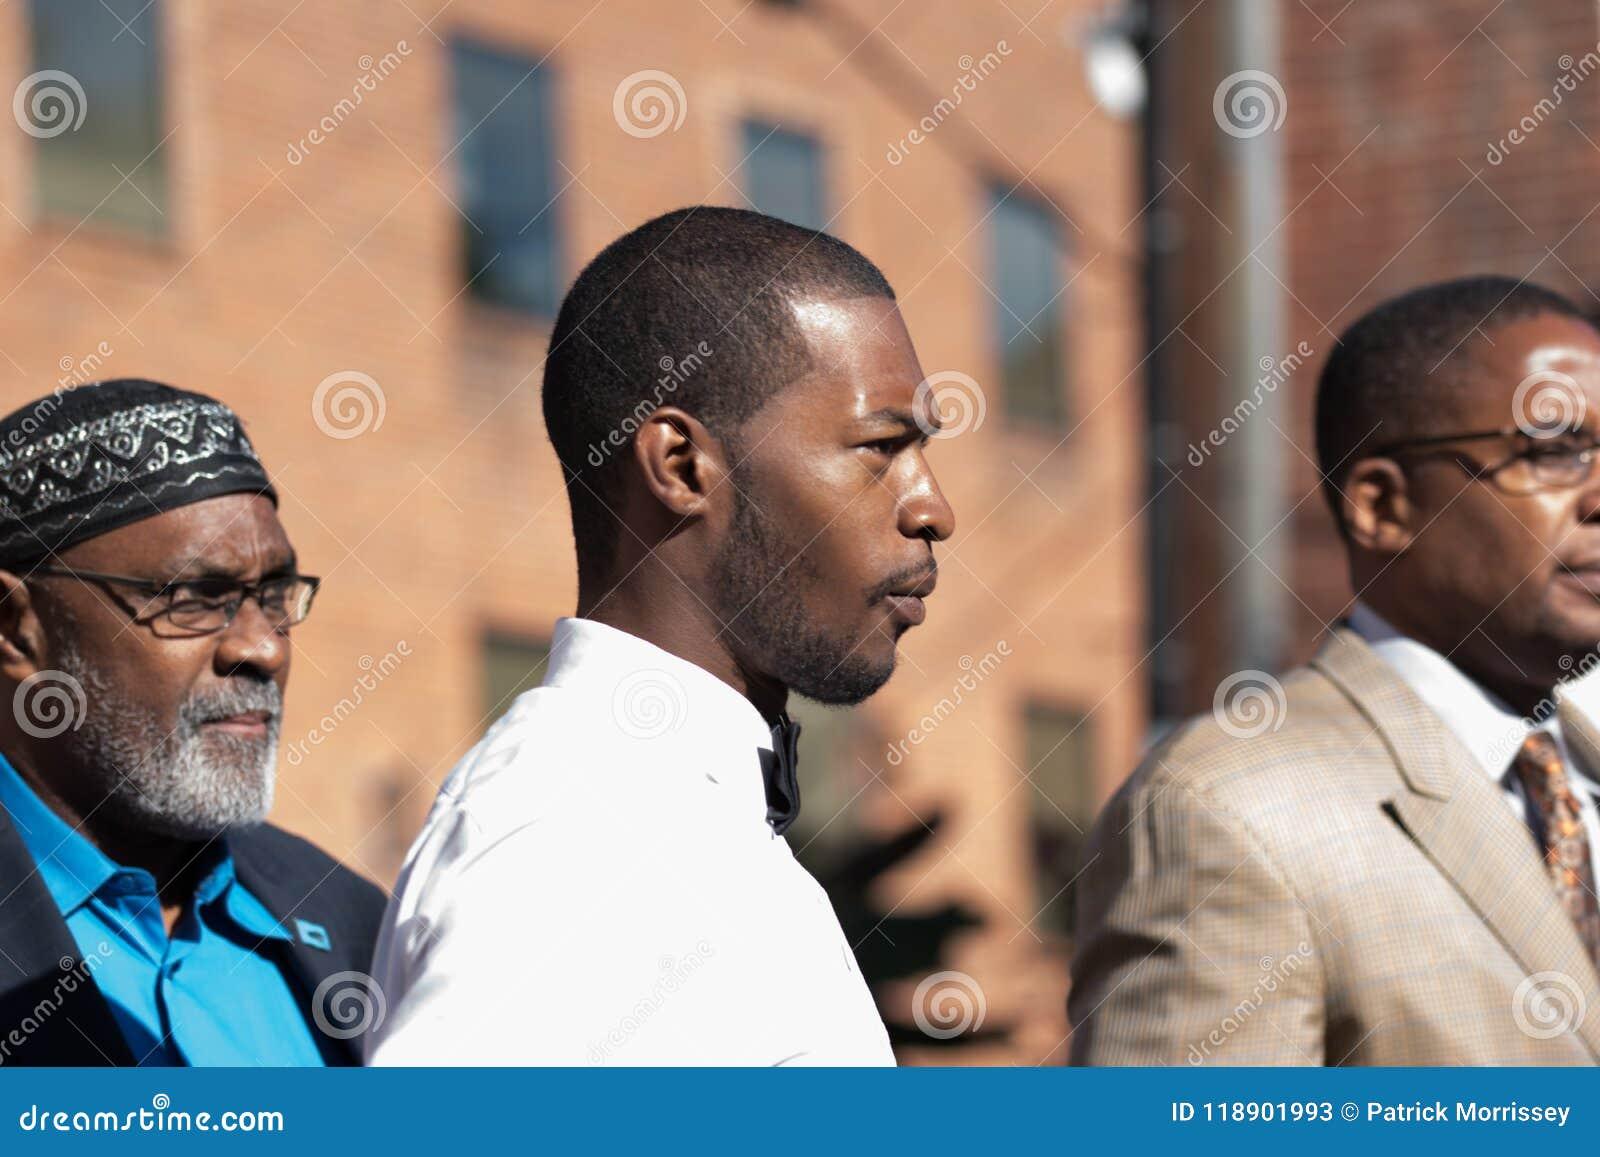 Corey Long Arrest al tribunale di prima istanza di Charlottesville